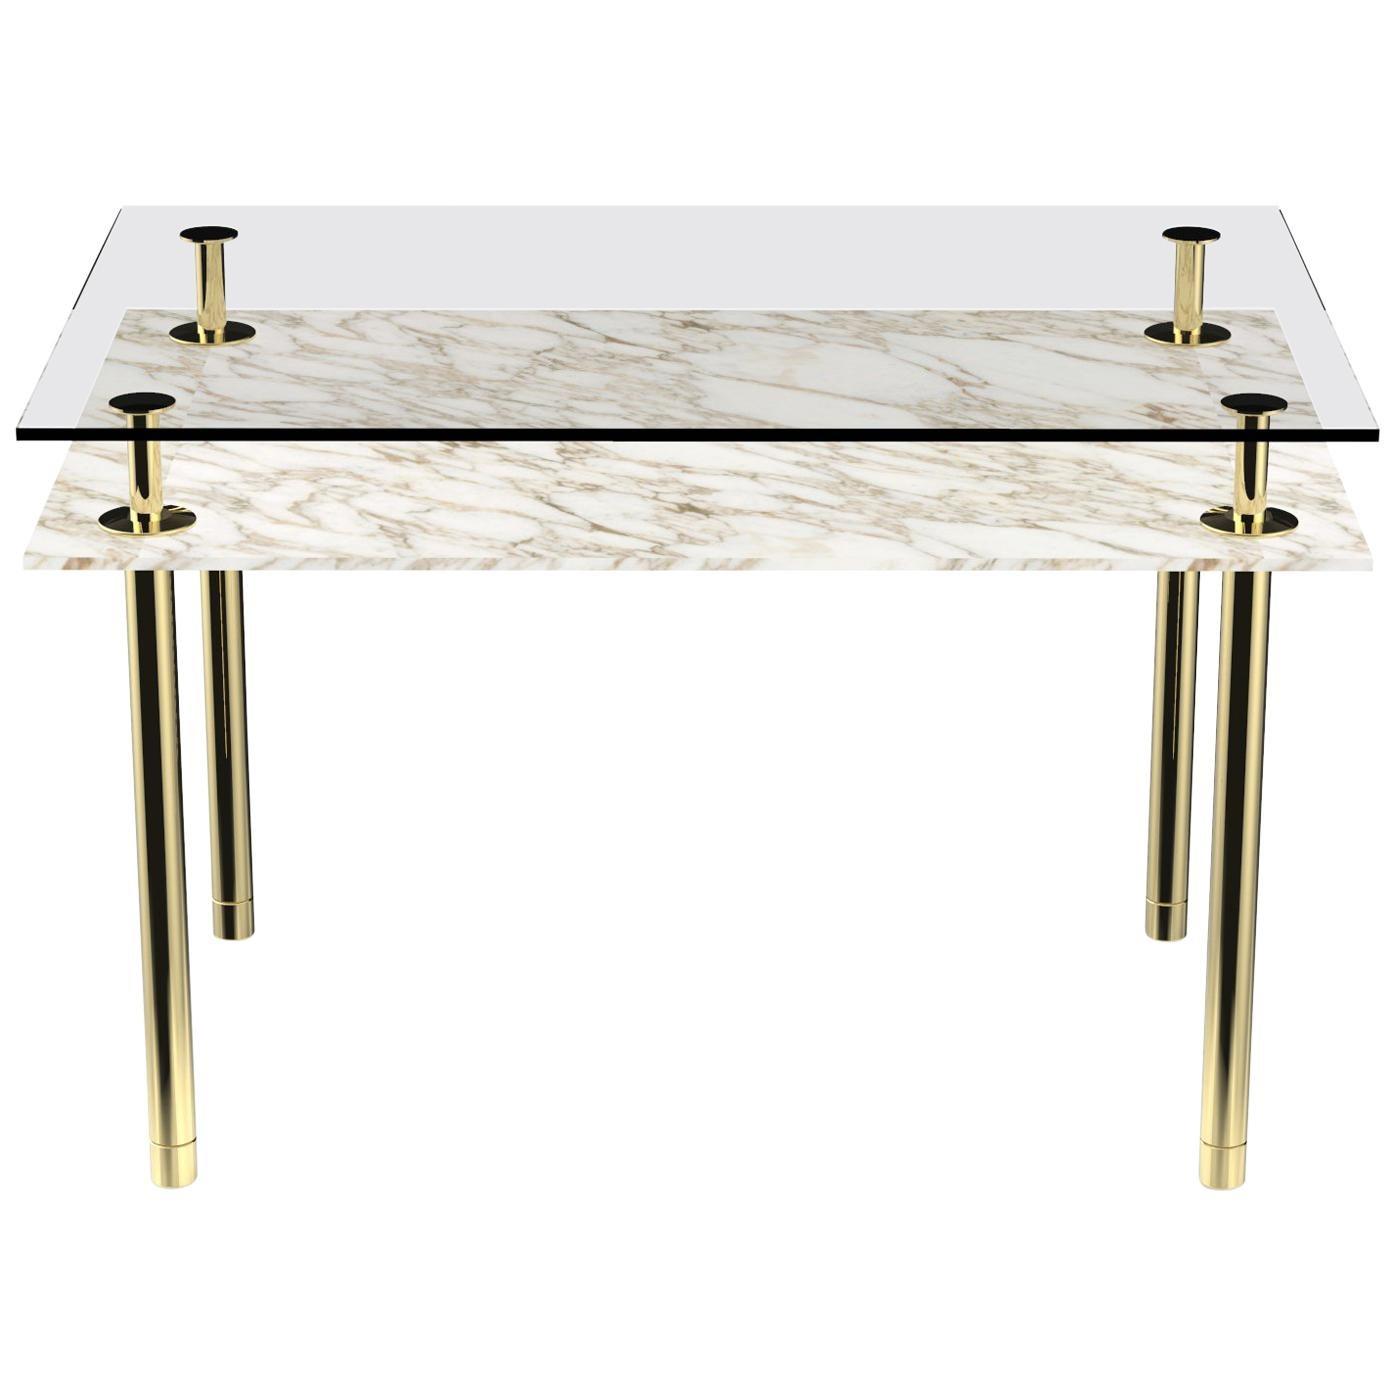 Ghidini 1961 Legs Rectangular Console Table in Calacatta Gold by Paolo Rizzatto